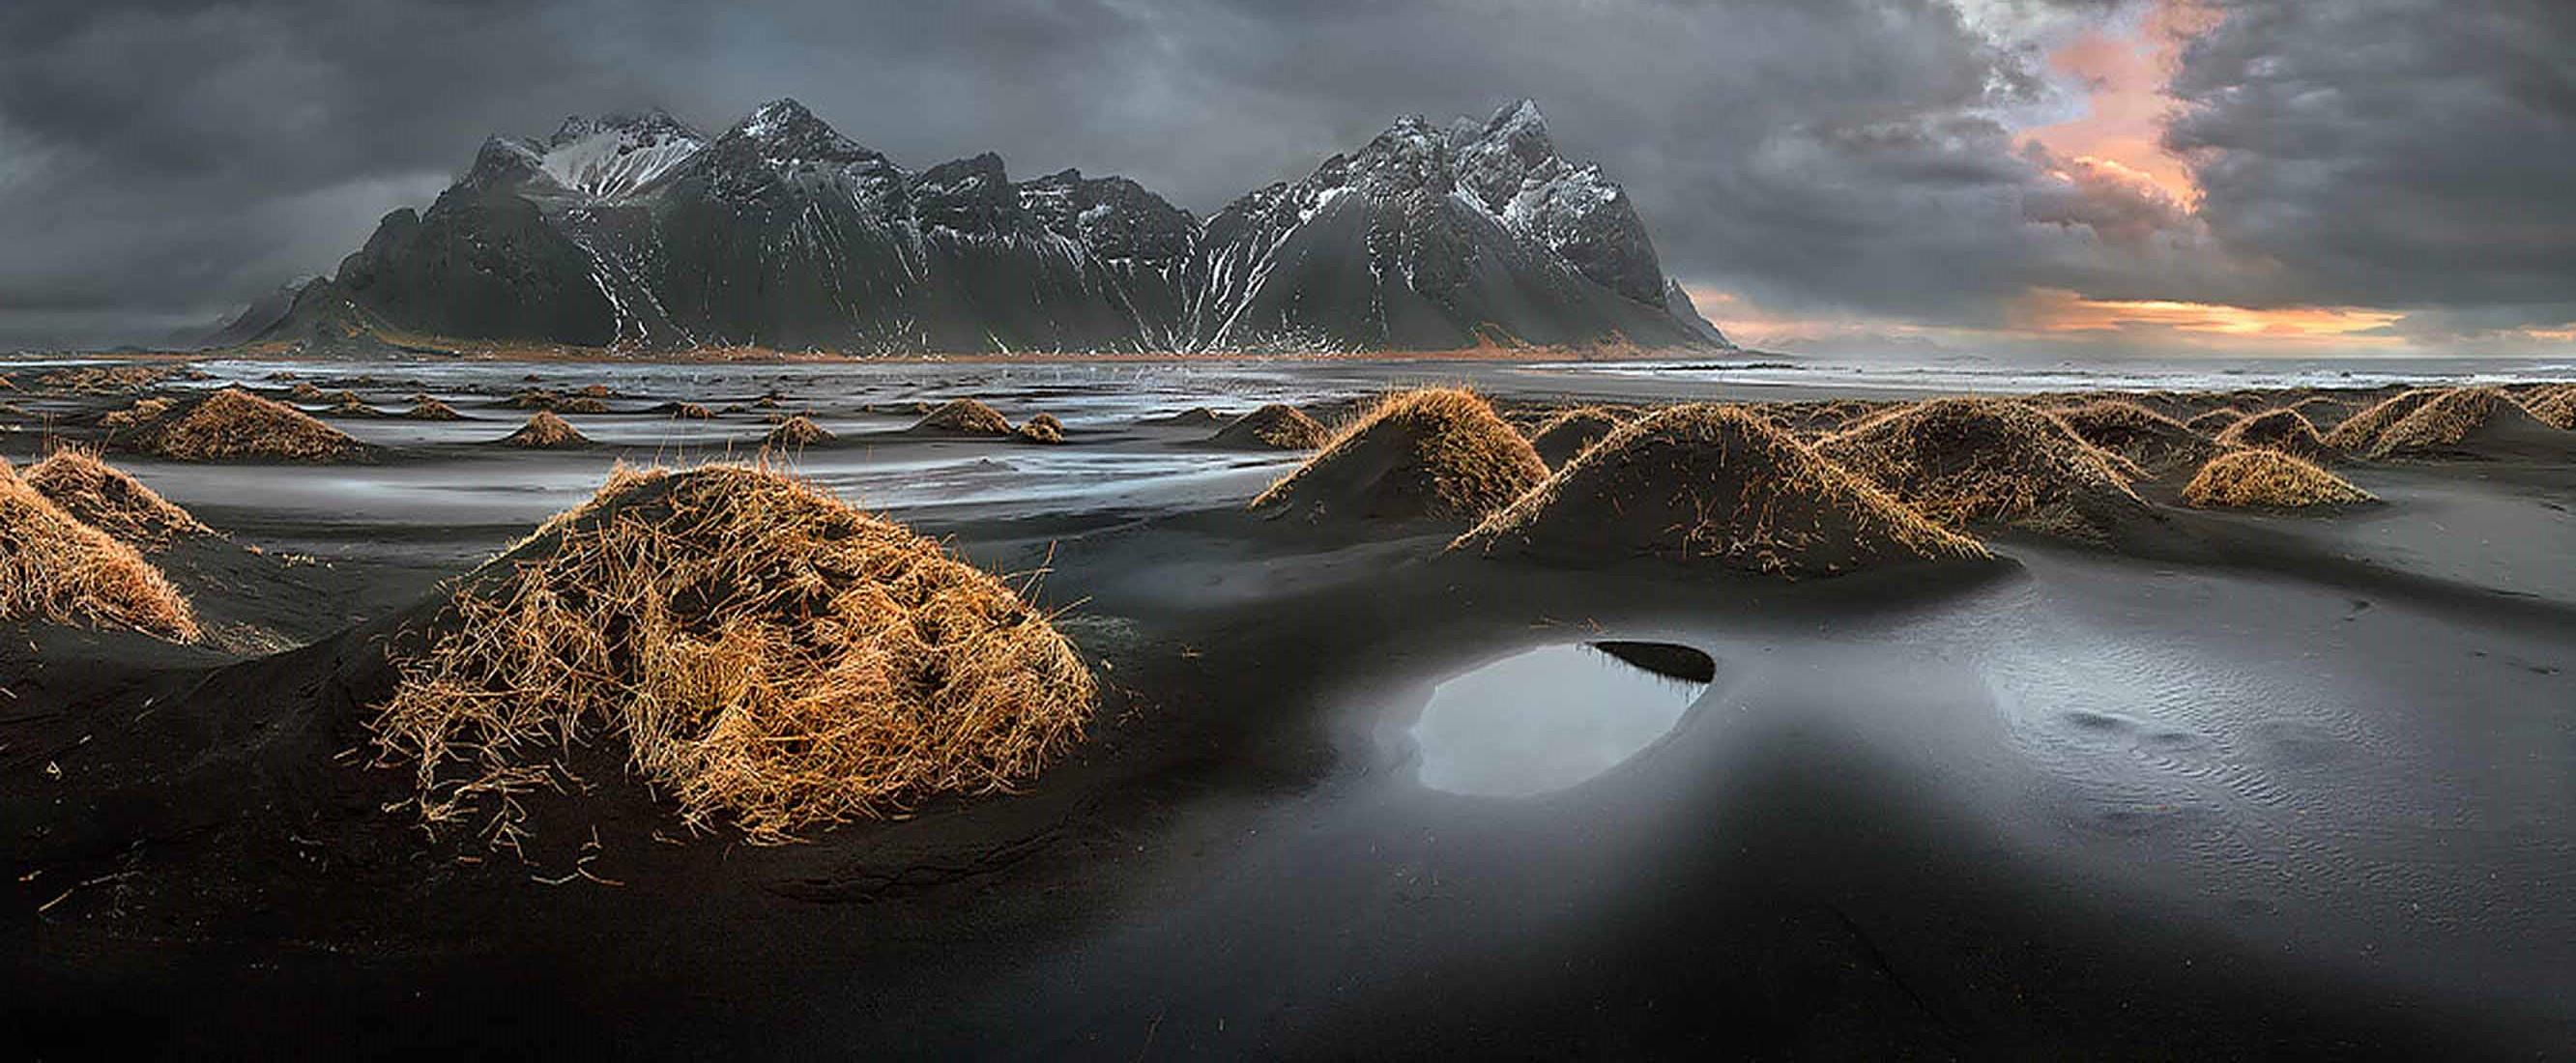 18_2015_O_N_Yury-Pustovoy_Iceland-1100x454.jpg